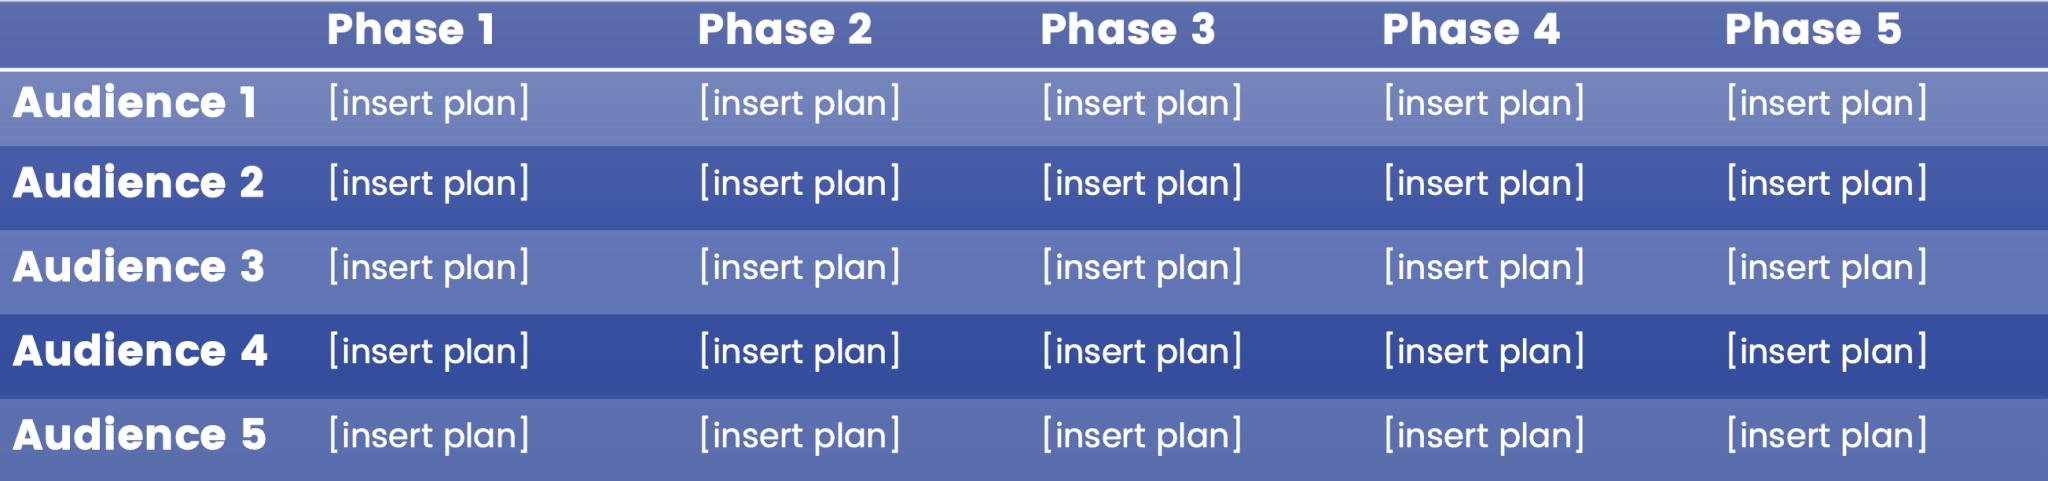 Segmentation plan